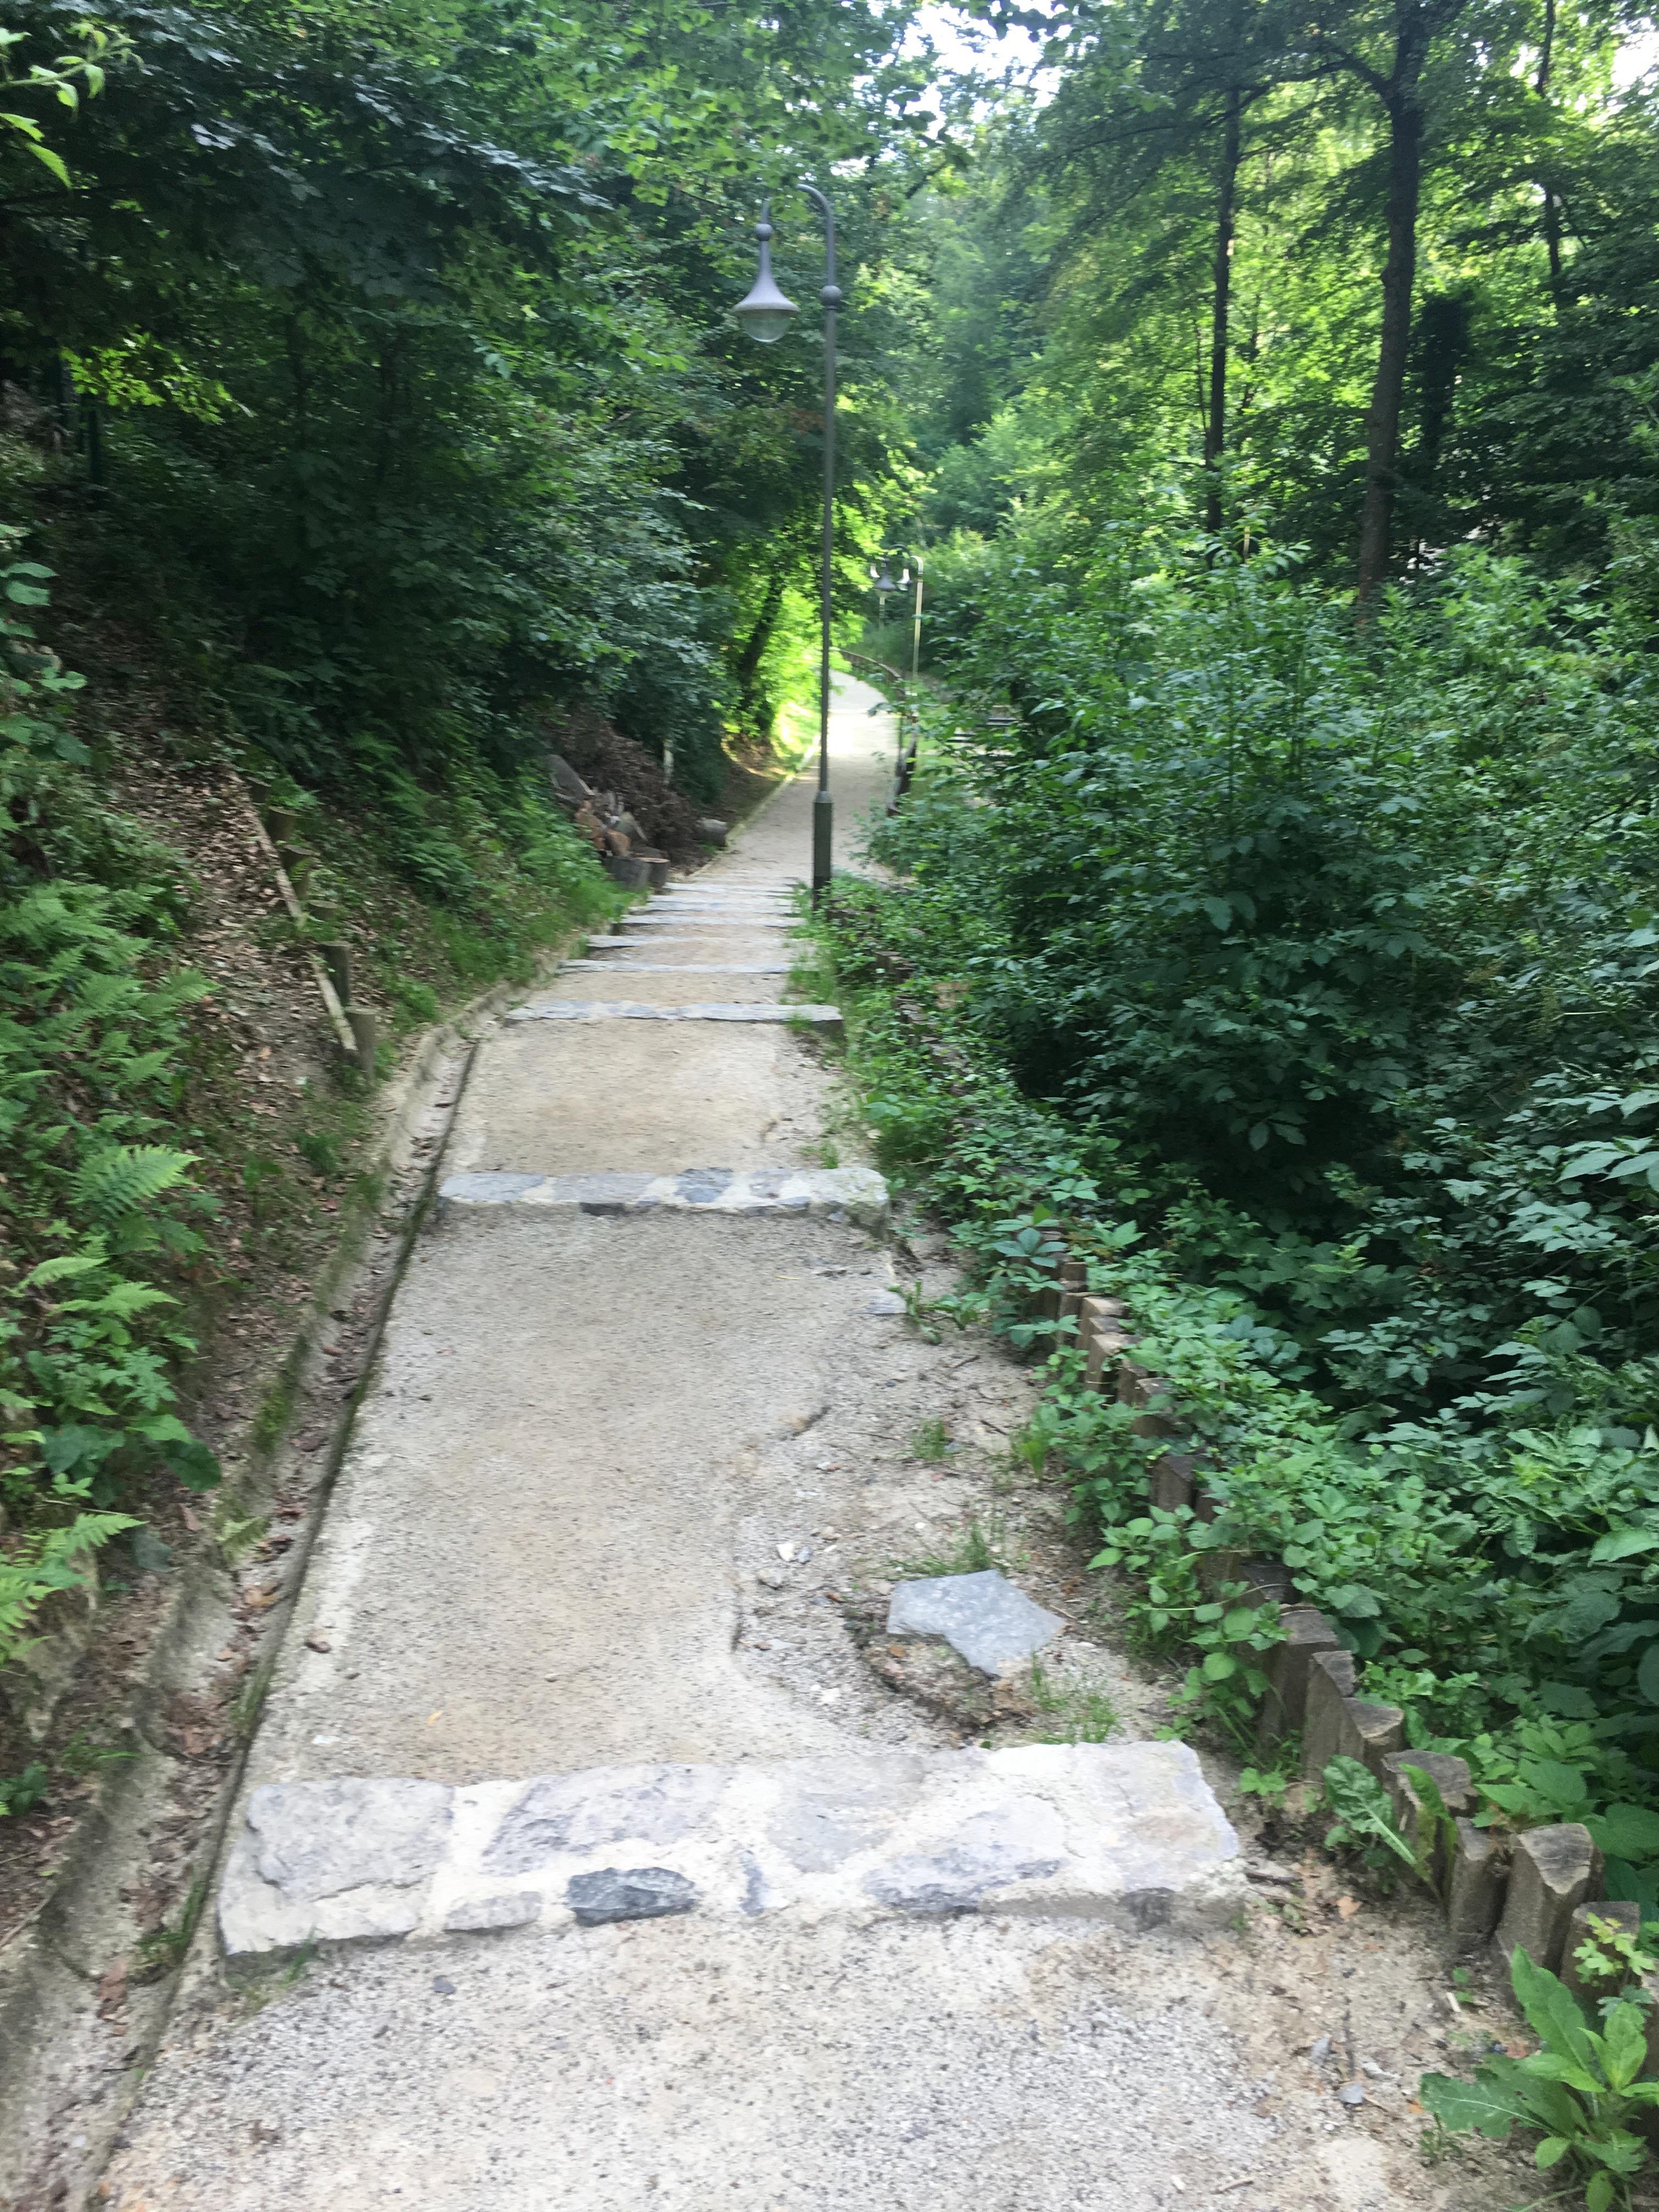 Take Me To The Path